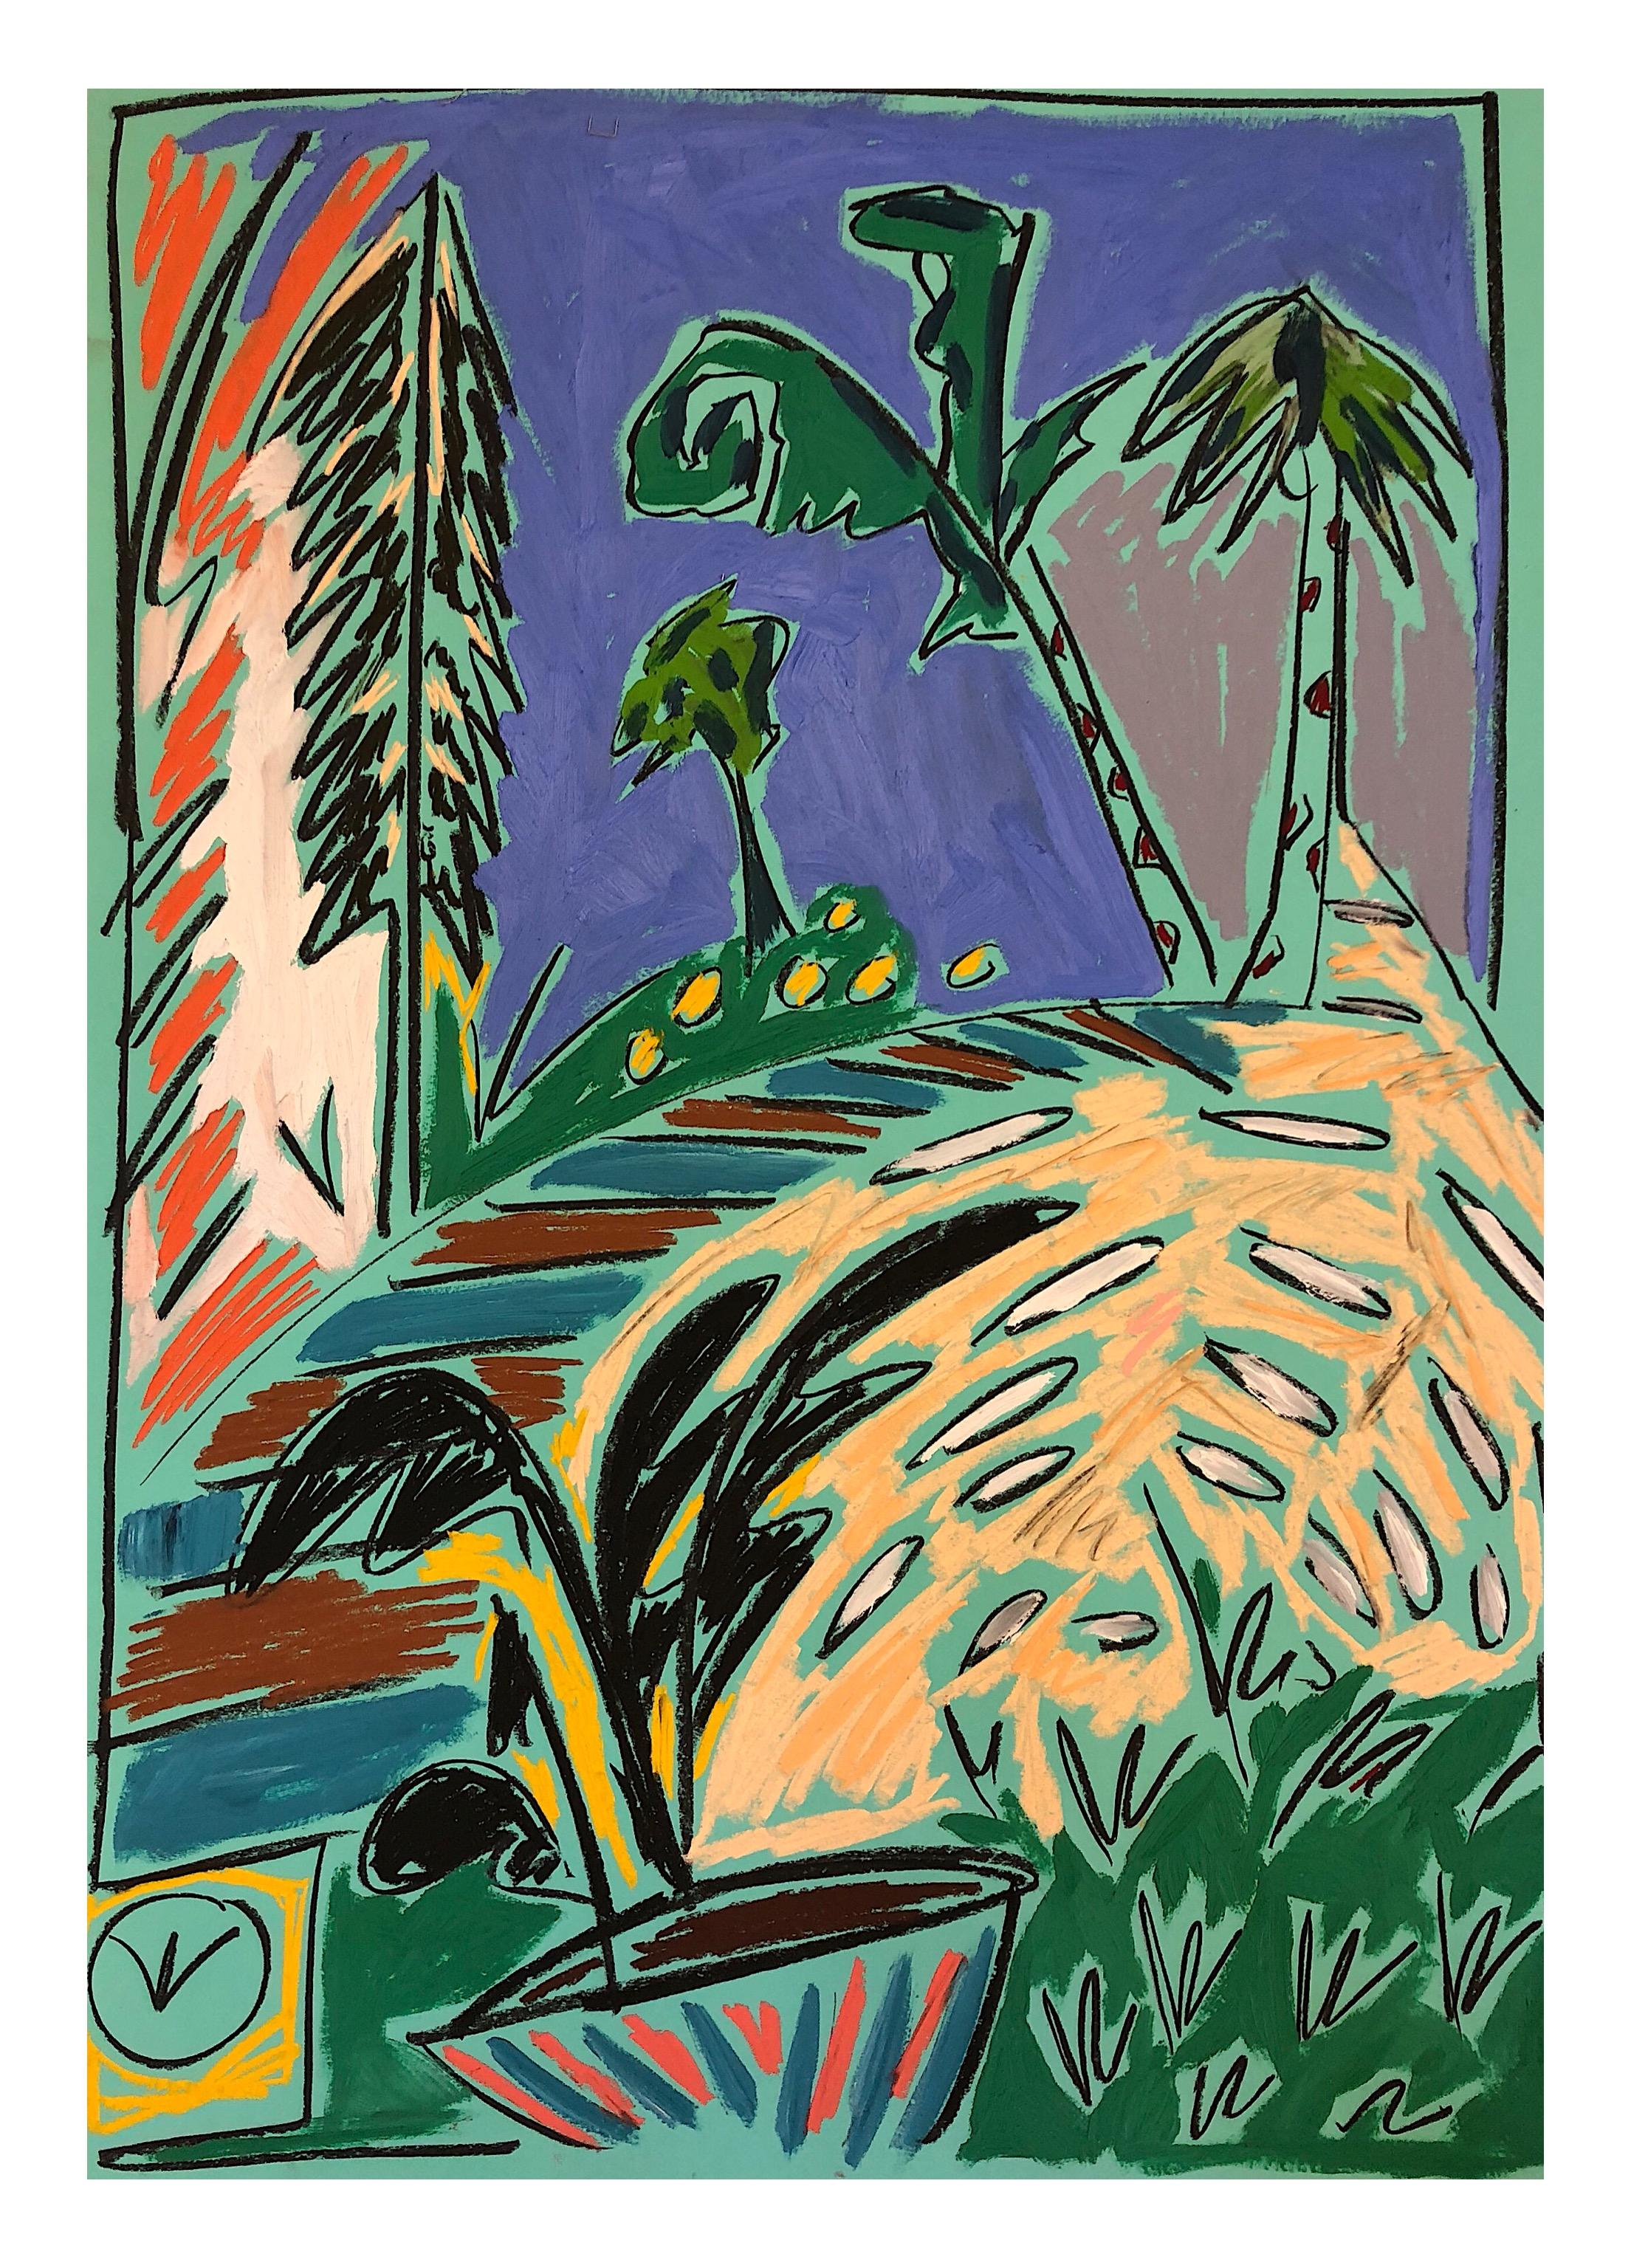 'Retour aux Arbres II', Pastels and oil paint on paper, 84x58cm